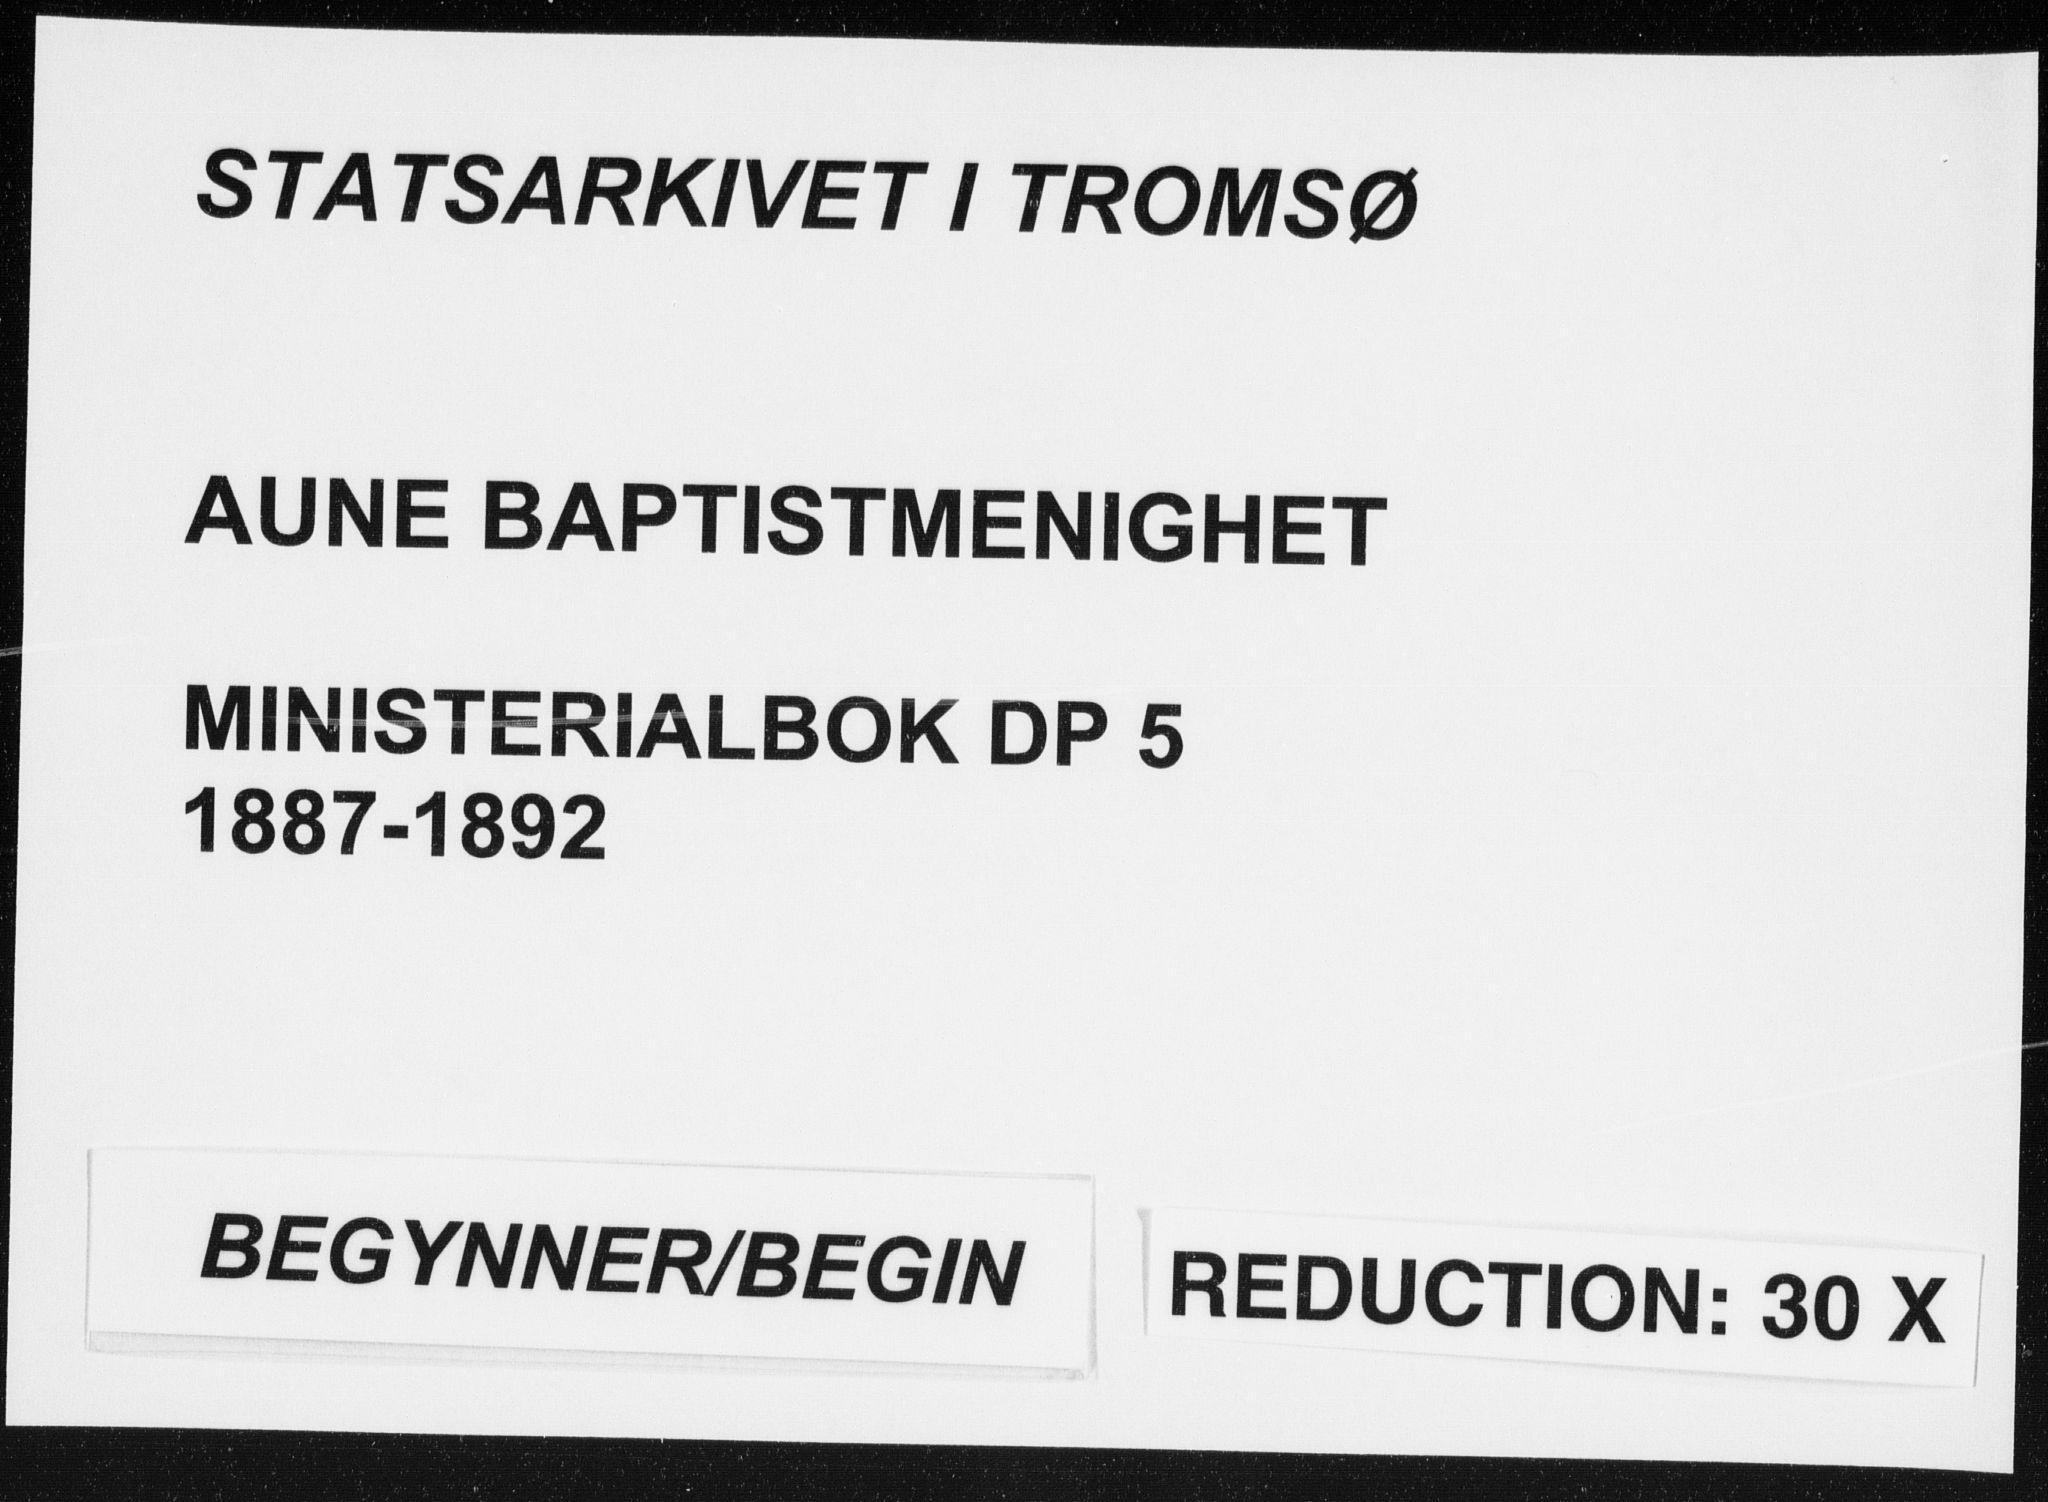 SATØ, Aune baptistmenighet, F/L0005DP: Dissenterprotokoll nr. 5, 1887-1892